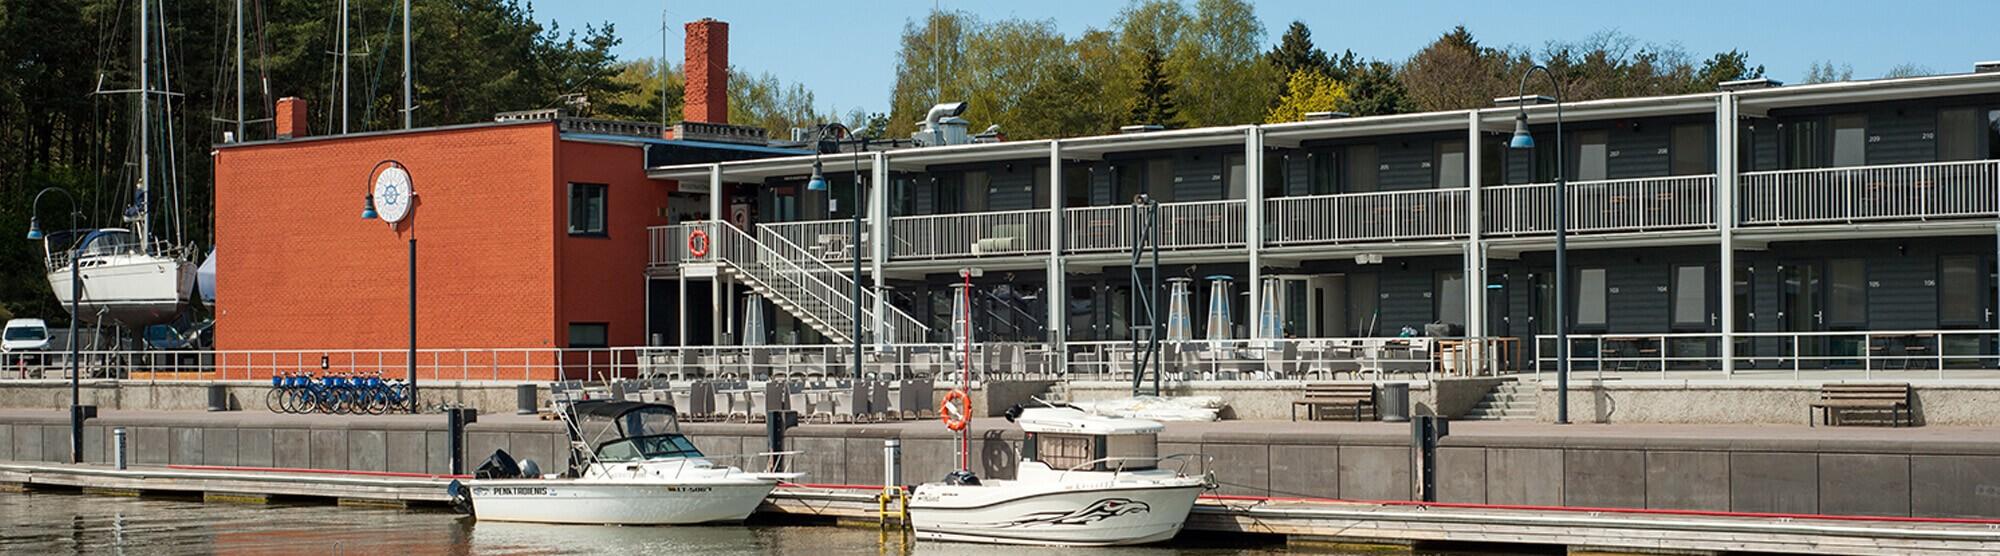 Smiltyne Yacht Club Marina